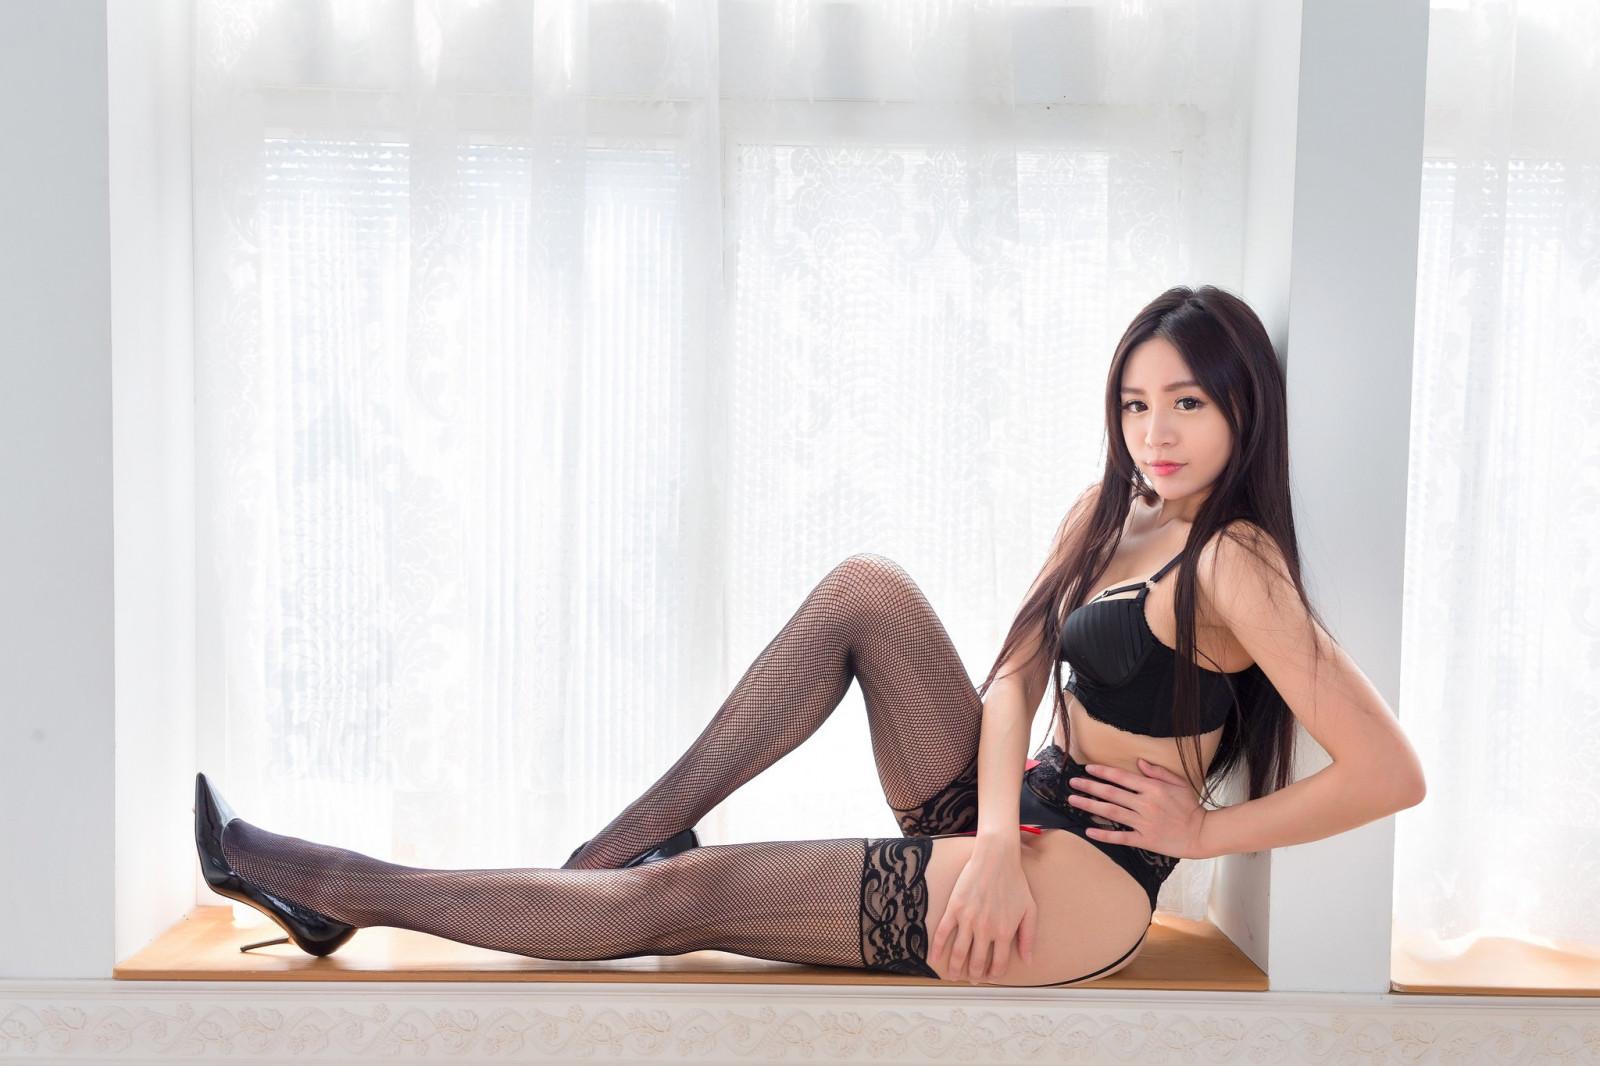 Азиаточки в чулочках фото, дешевые проститутки на василеостровской